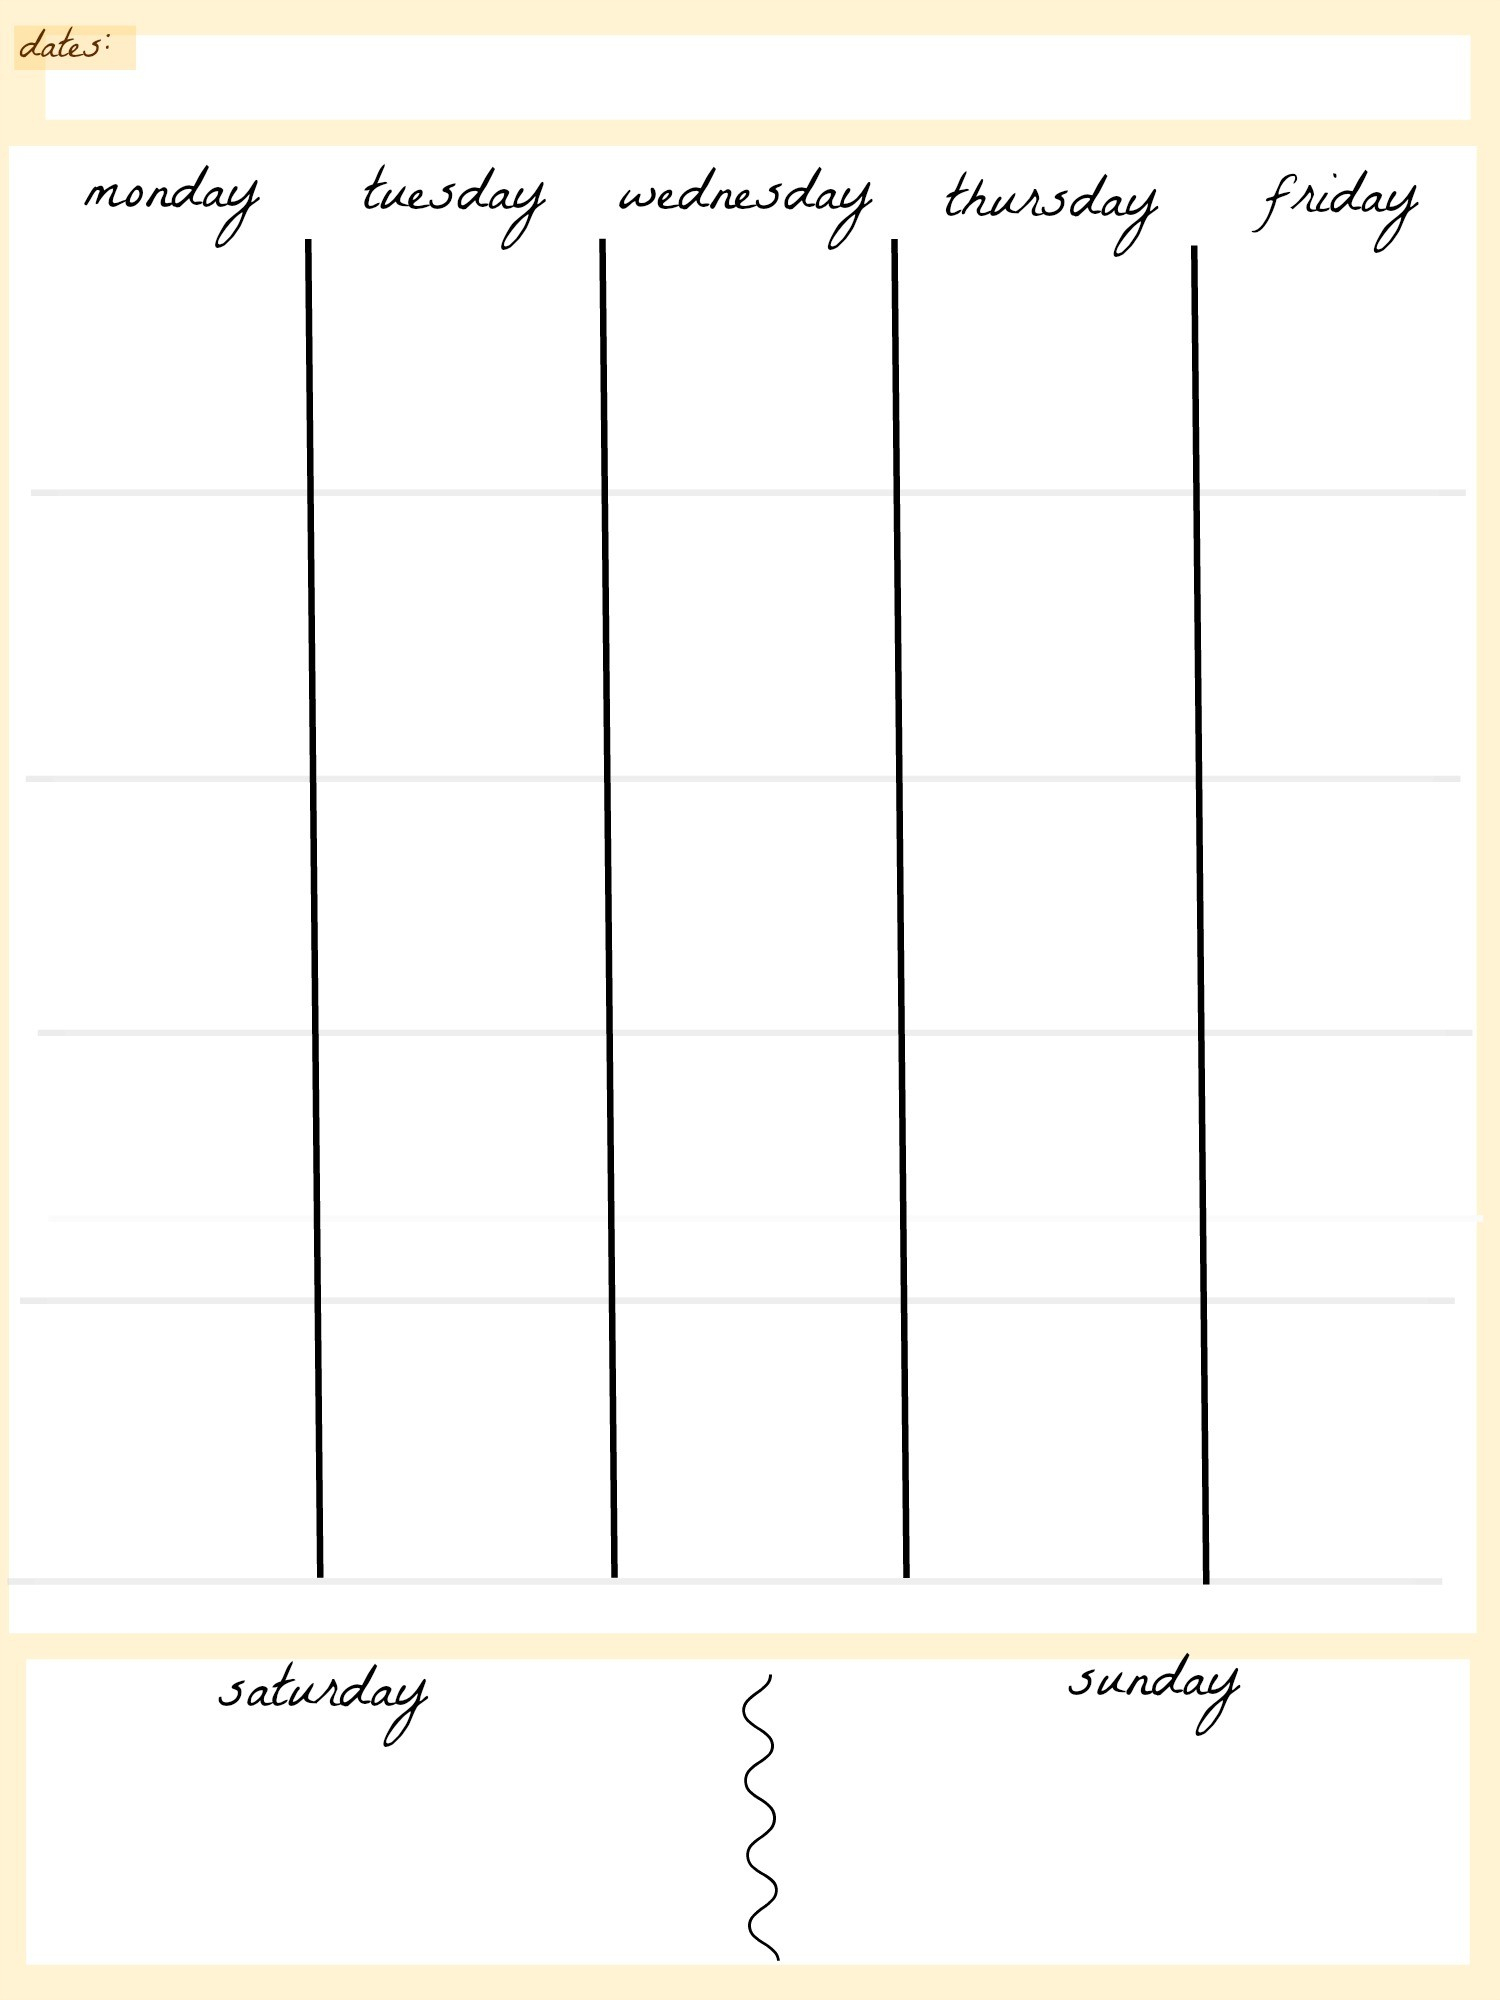 Blank Calendar Template 5 Day Week Weekly Calendar 5 Day Travel Cal1 in 5 Day Calendar Template